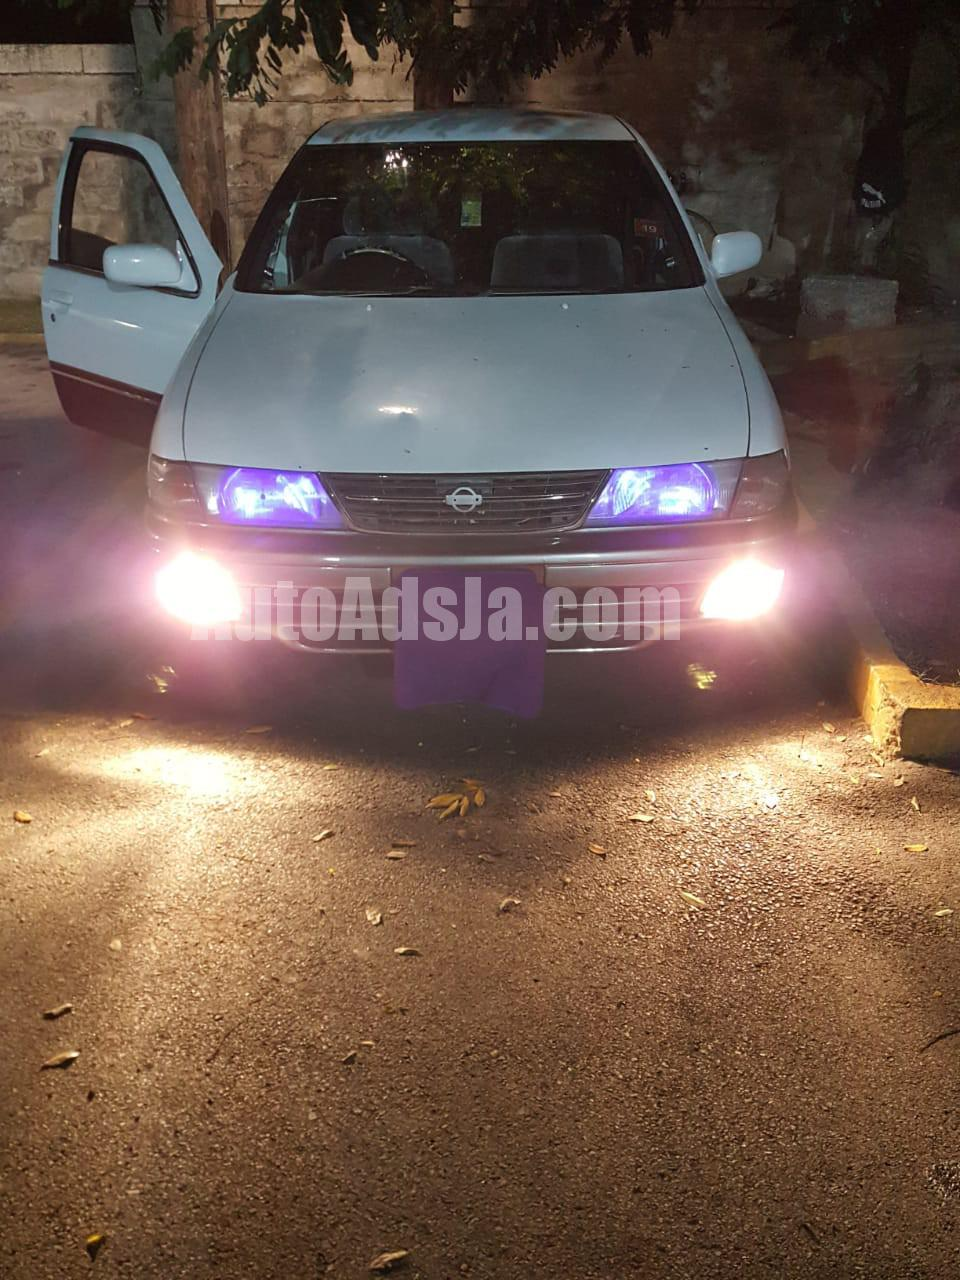 http://www.autoadsja.com/vehicleimages/AENDKBTE.jpg